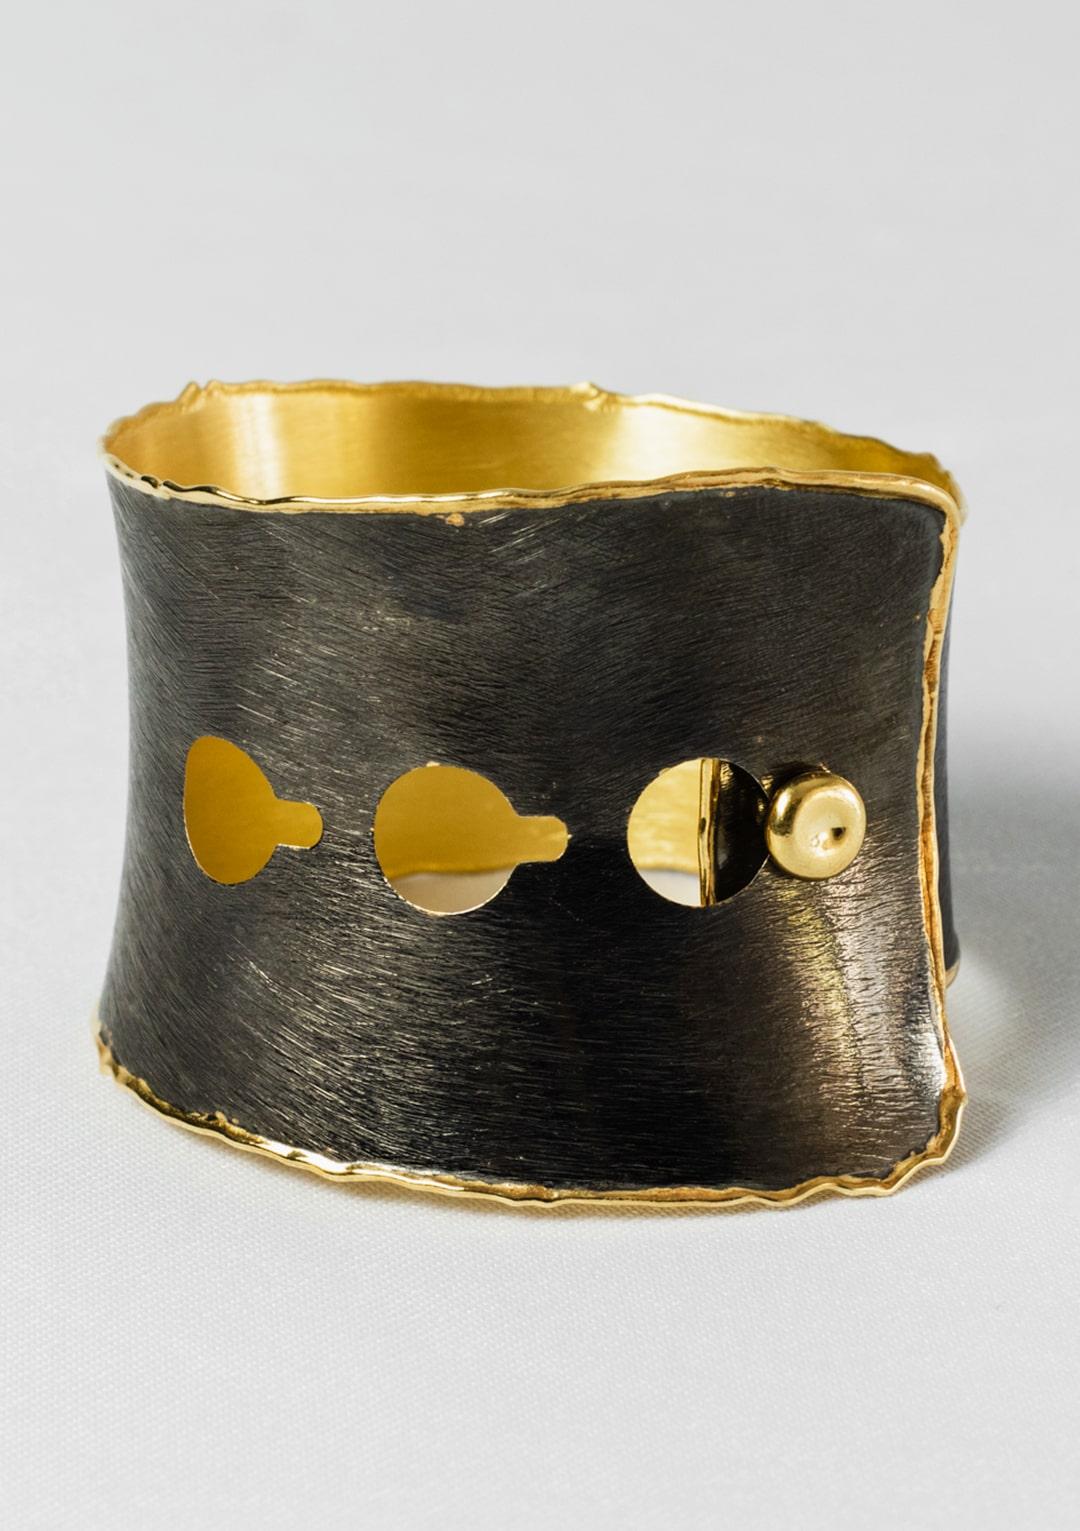 Manchette réglable I Argent massif doré 18 carats et Ruthénium I Elliade bijoux I Image 5 I Label AÉ Paris